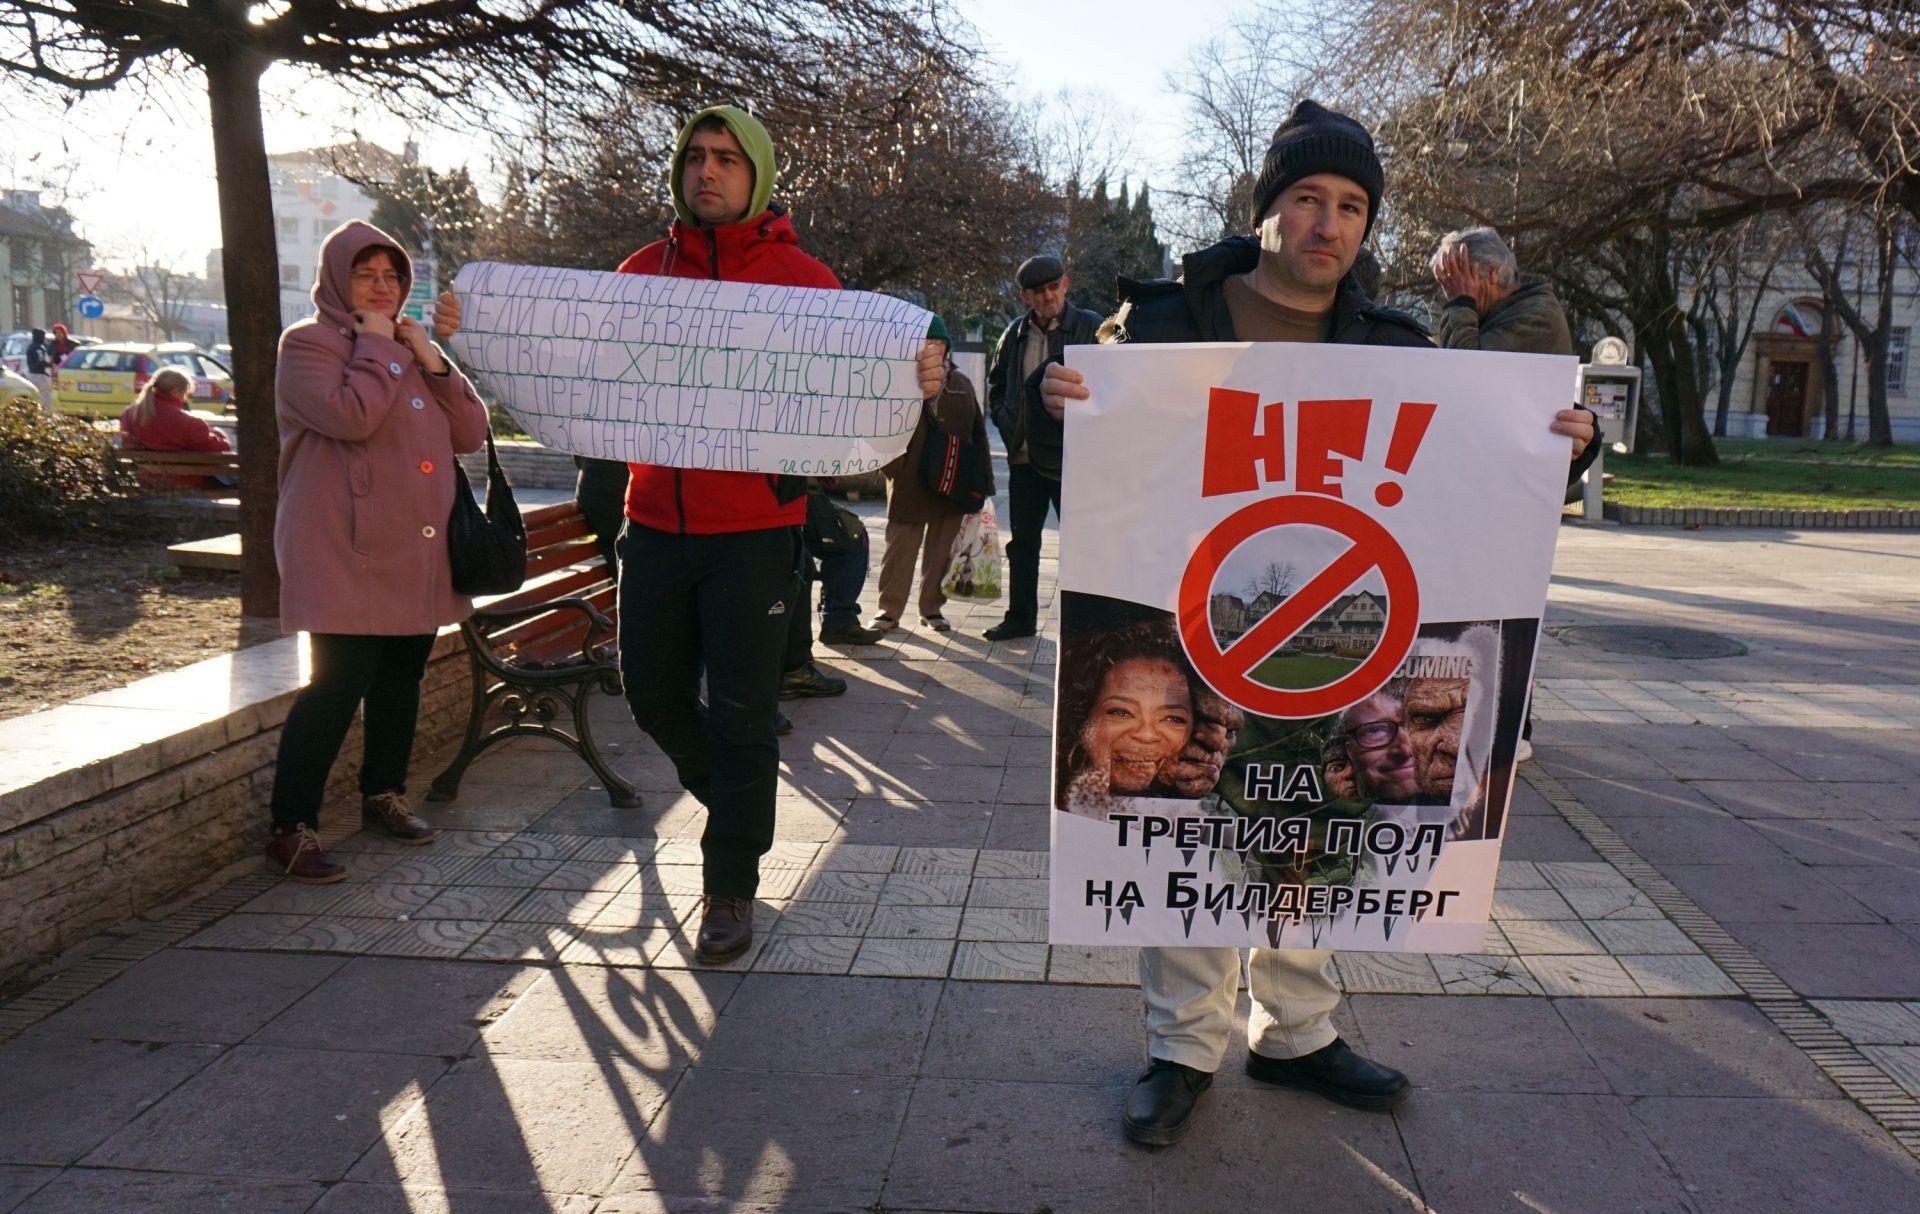 Протестите срещу ратифицирането на Истанбулската конвенция обхванаха цялата страна